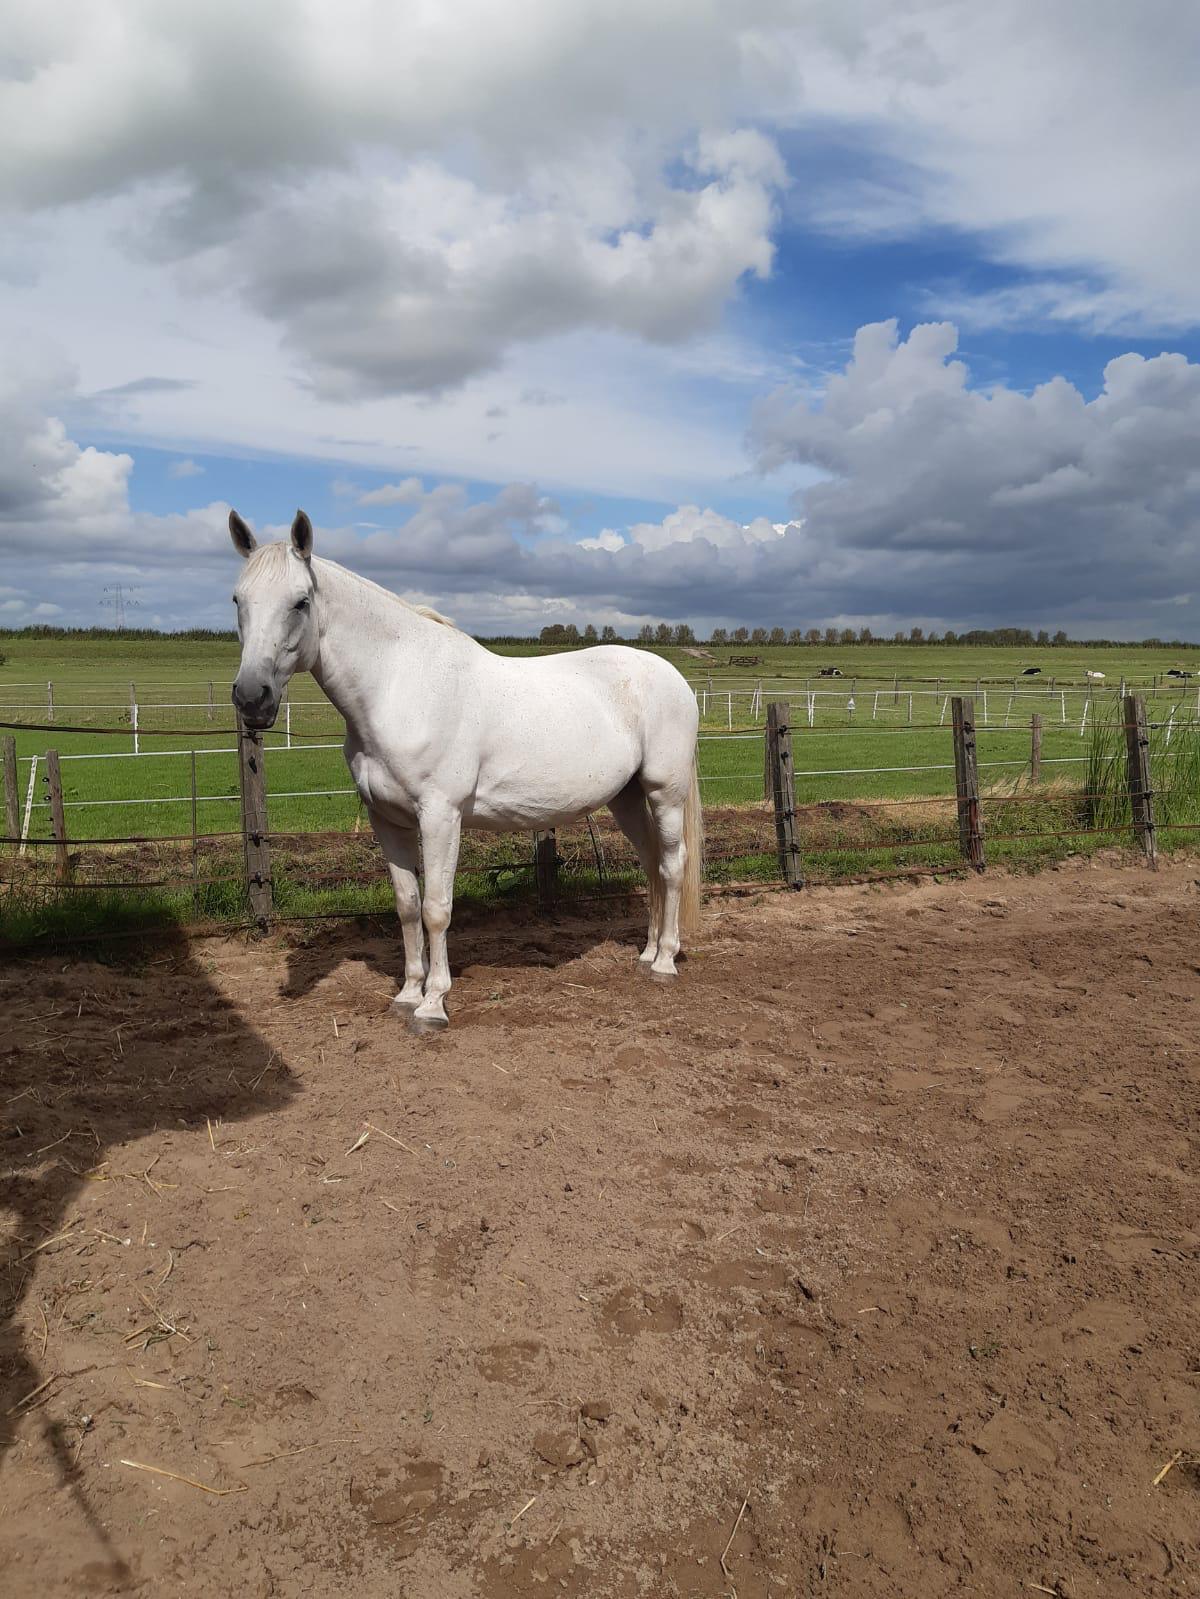 Cloe is een schimmel, een wit paard tegen een groene achtergrand.